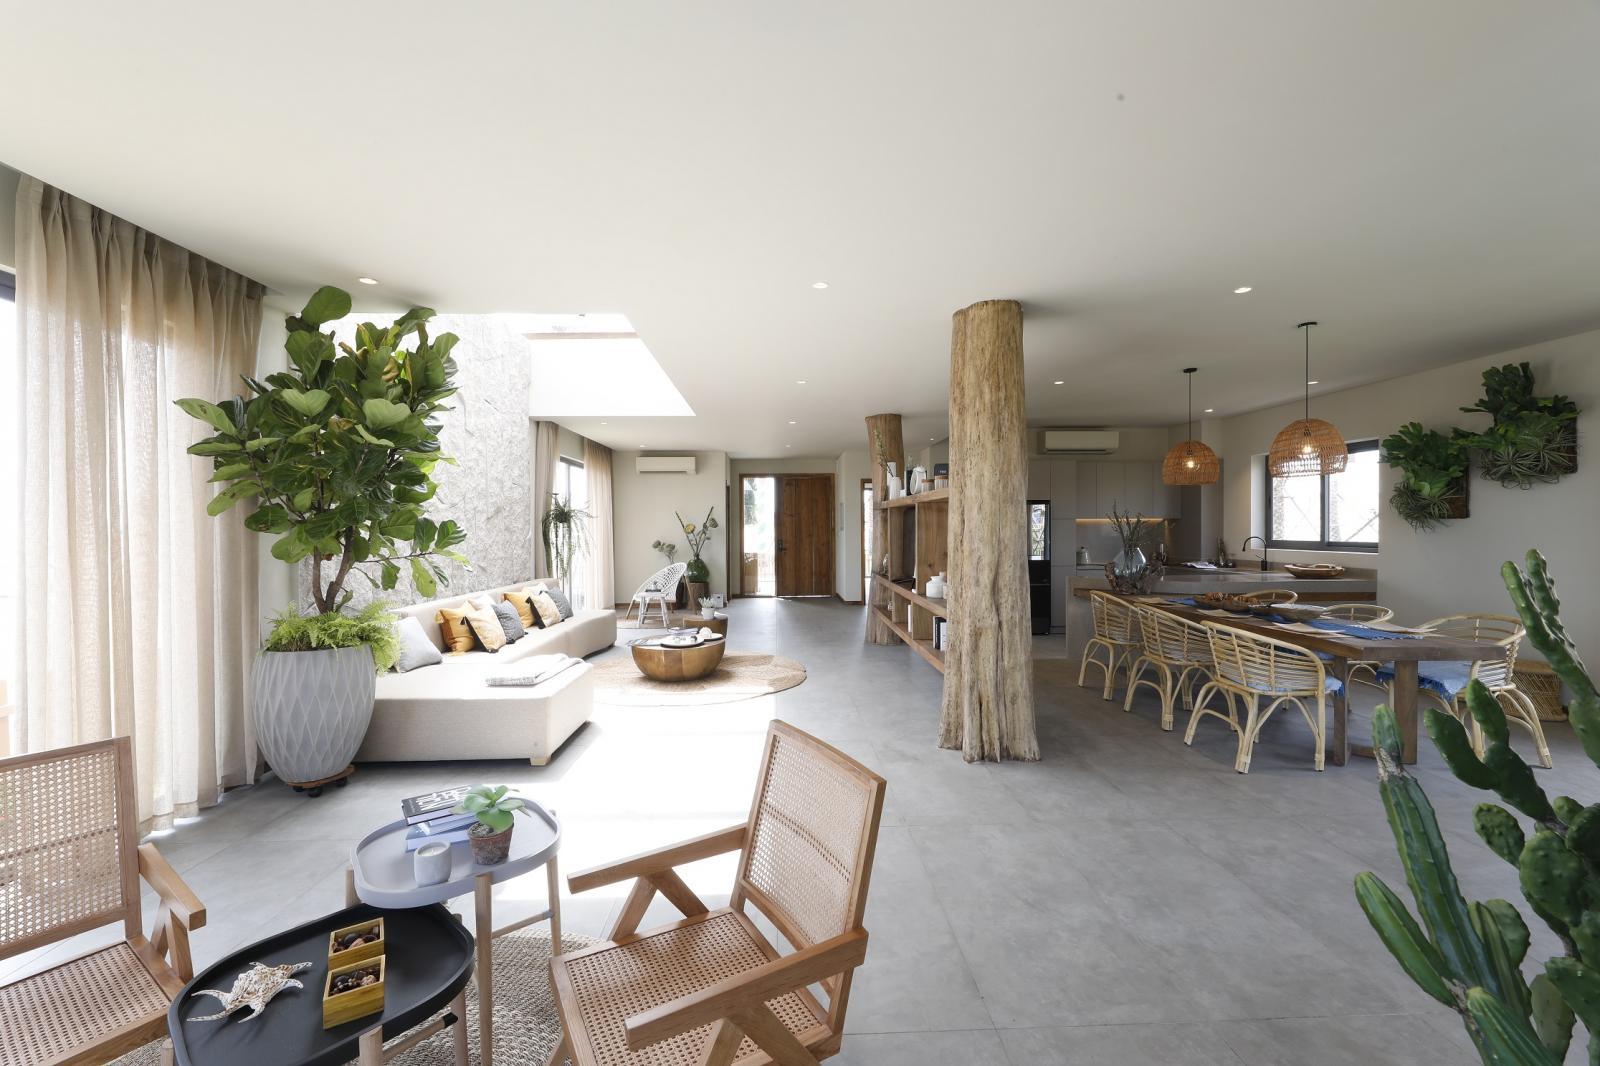 một góc căn nhà với những chiếc ghế mây, bàn tròn, ghế sofa trắng hình chữ L, chậu cây cảnh,...